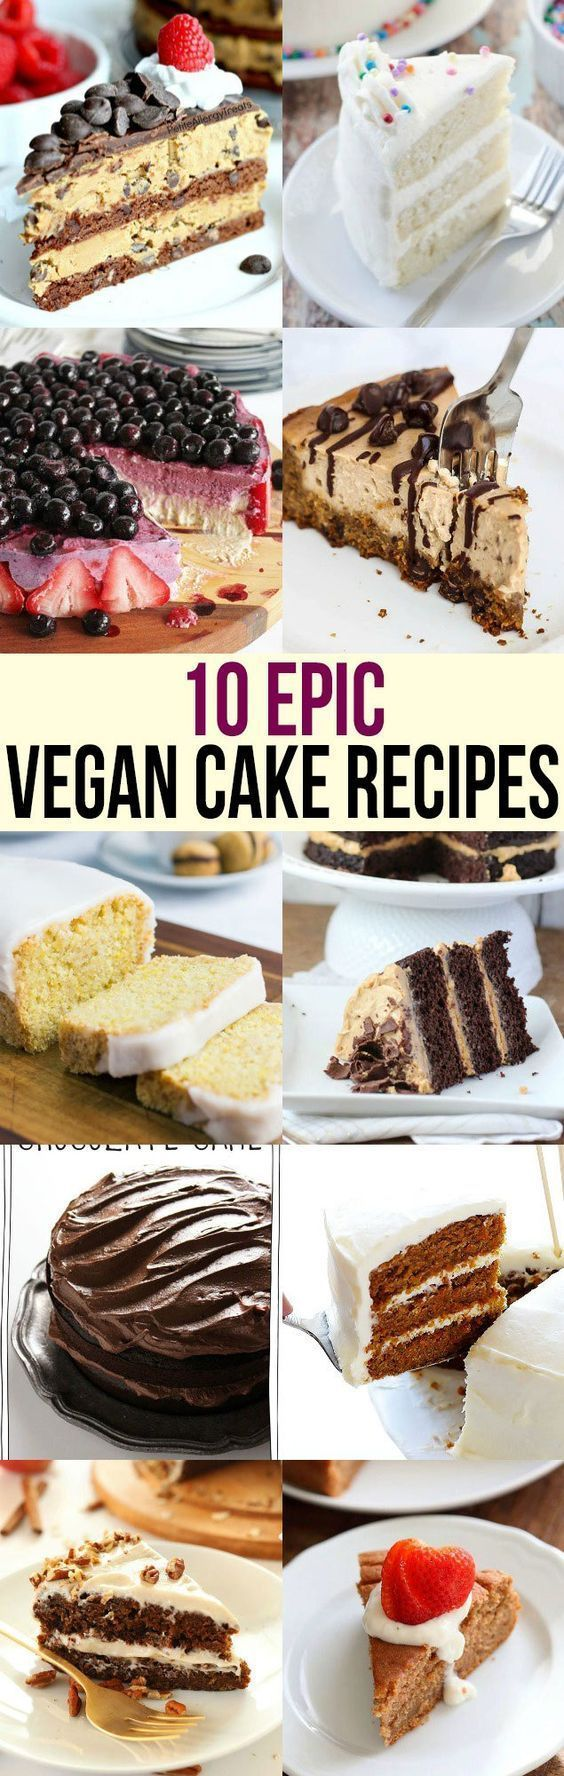 Chocolate, cheesecake, strawberry & much more! vegan Entdeckt von www.vegaliferocks.de✨ I Fleischlos glücklich, fit & Gesund✨ I Follow me for more inspiration @vegaliferocks